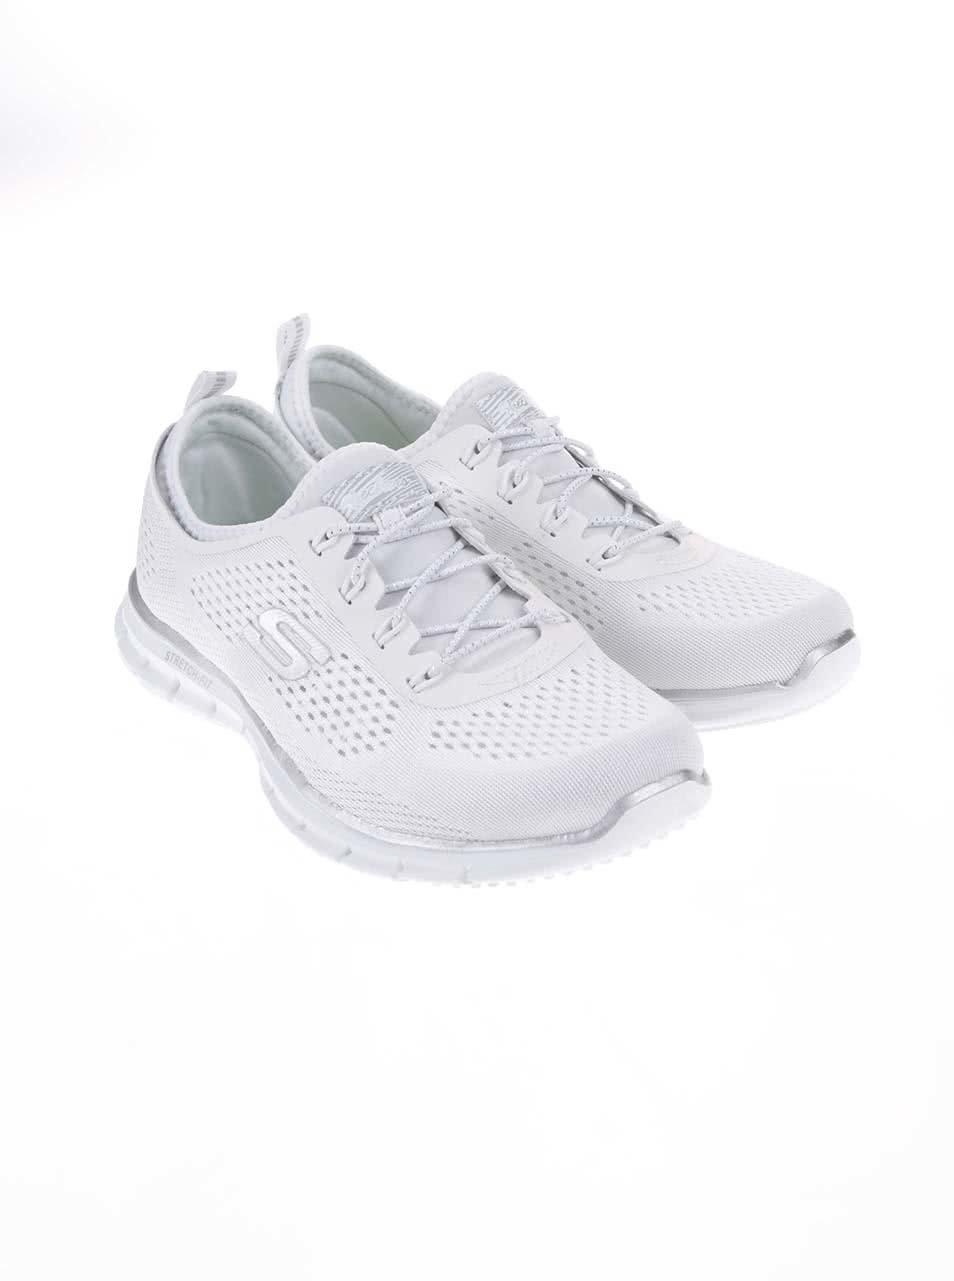 e6814ff7dc6 Bílé dámské sportovní tenisky Skechers Harmony ...